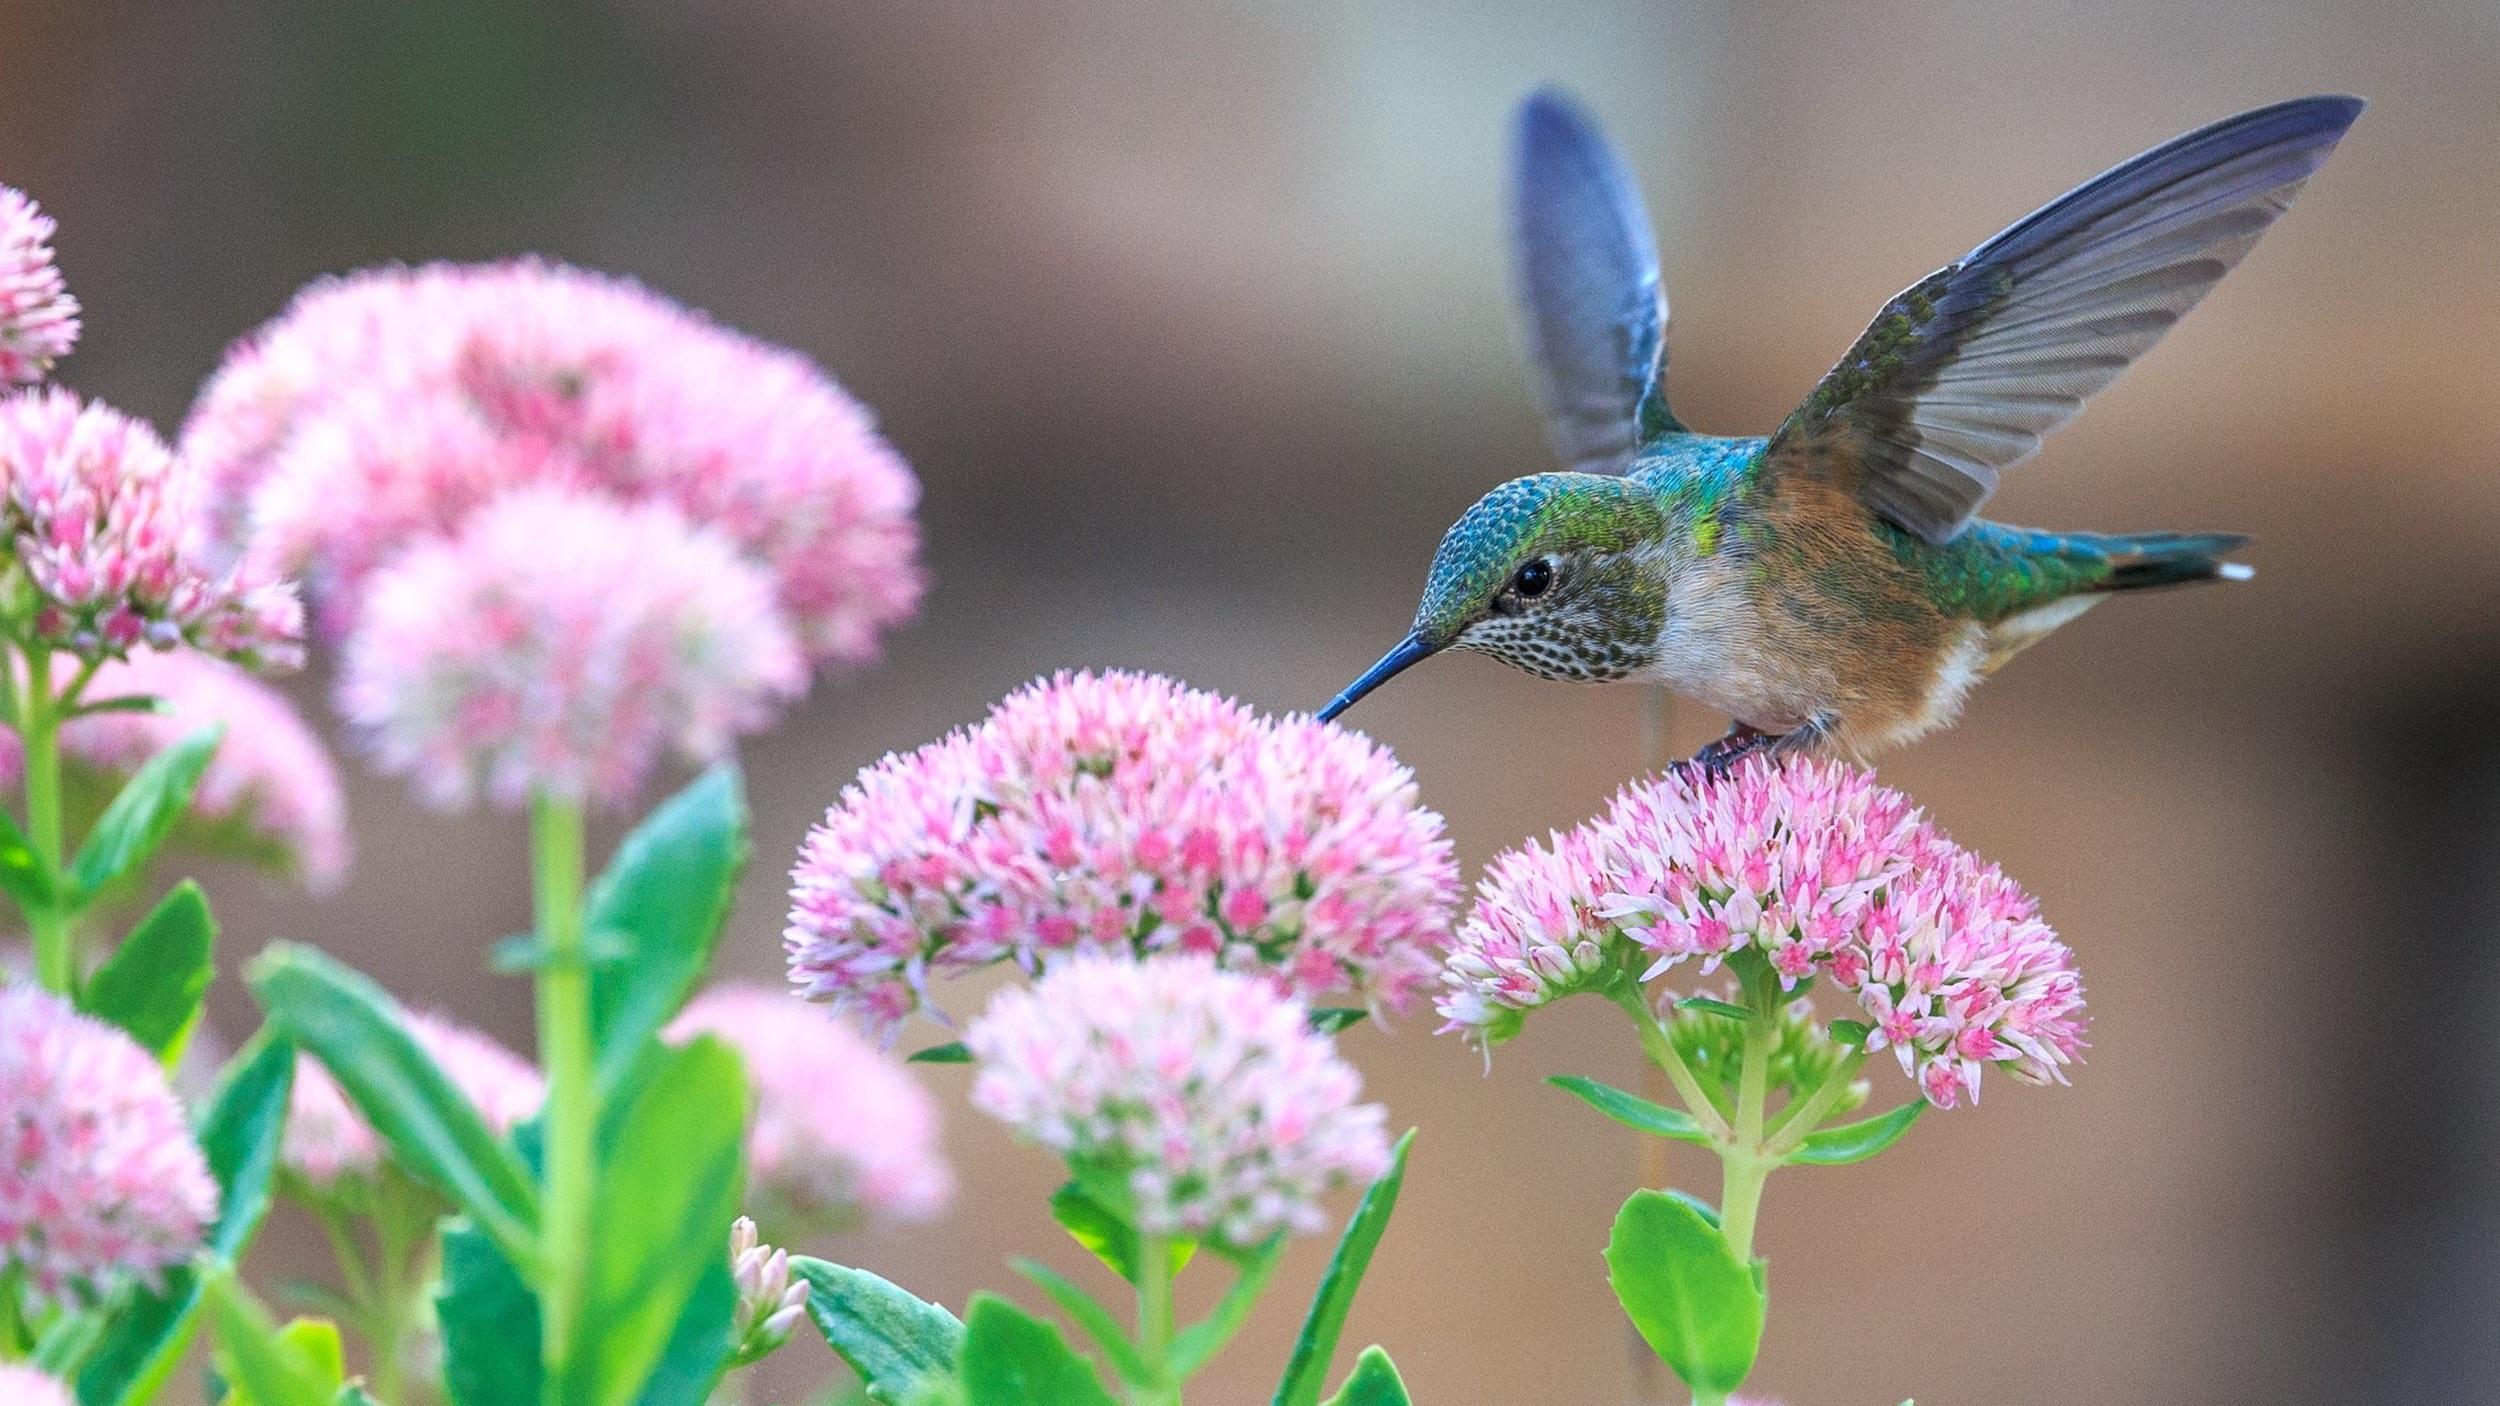 Hummingbird on sedum